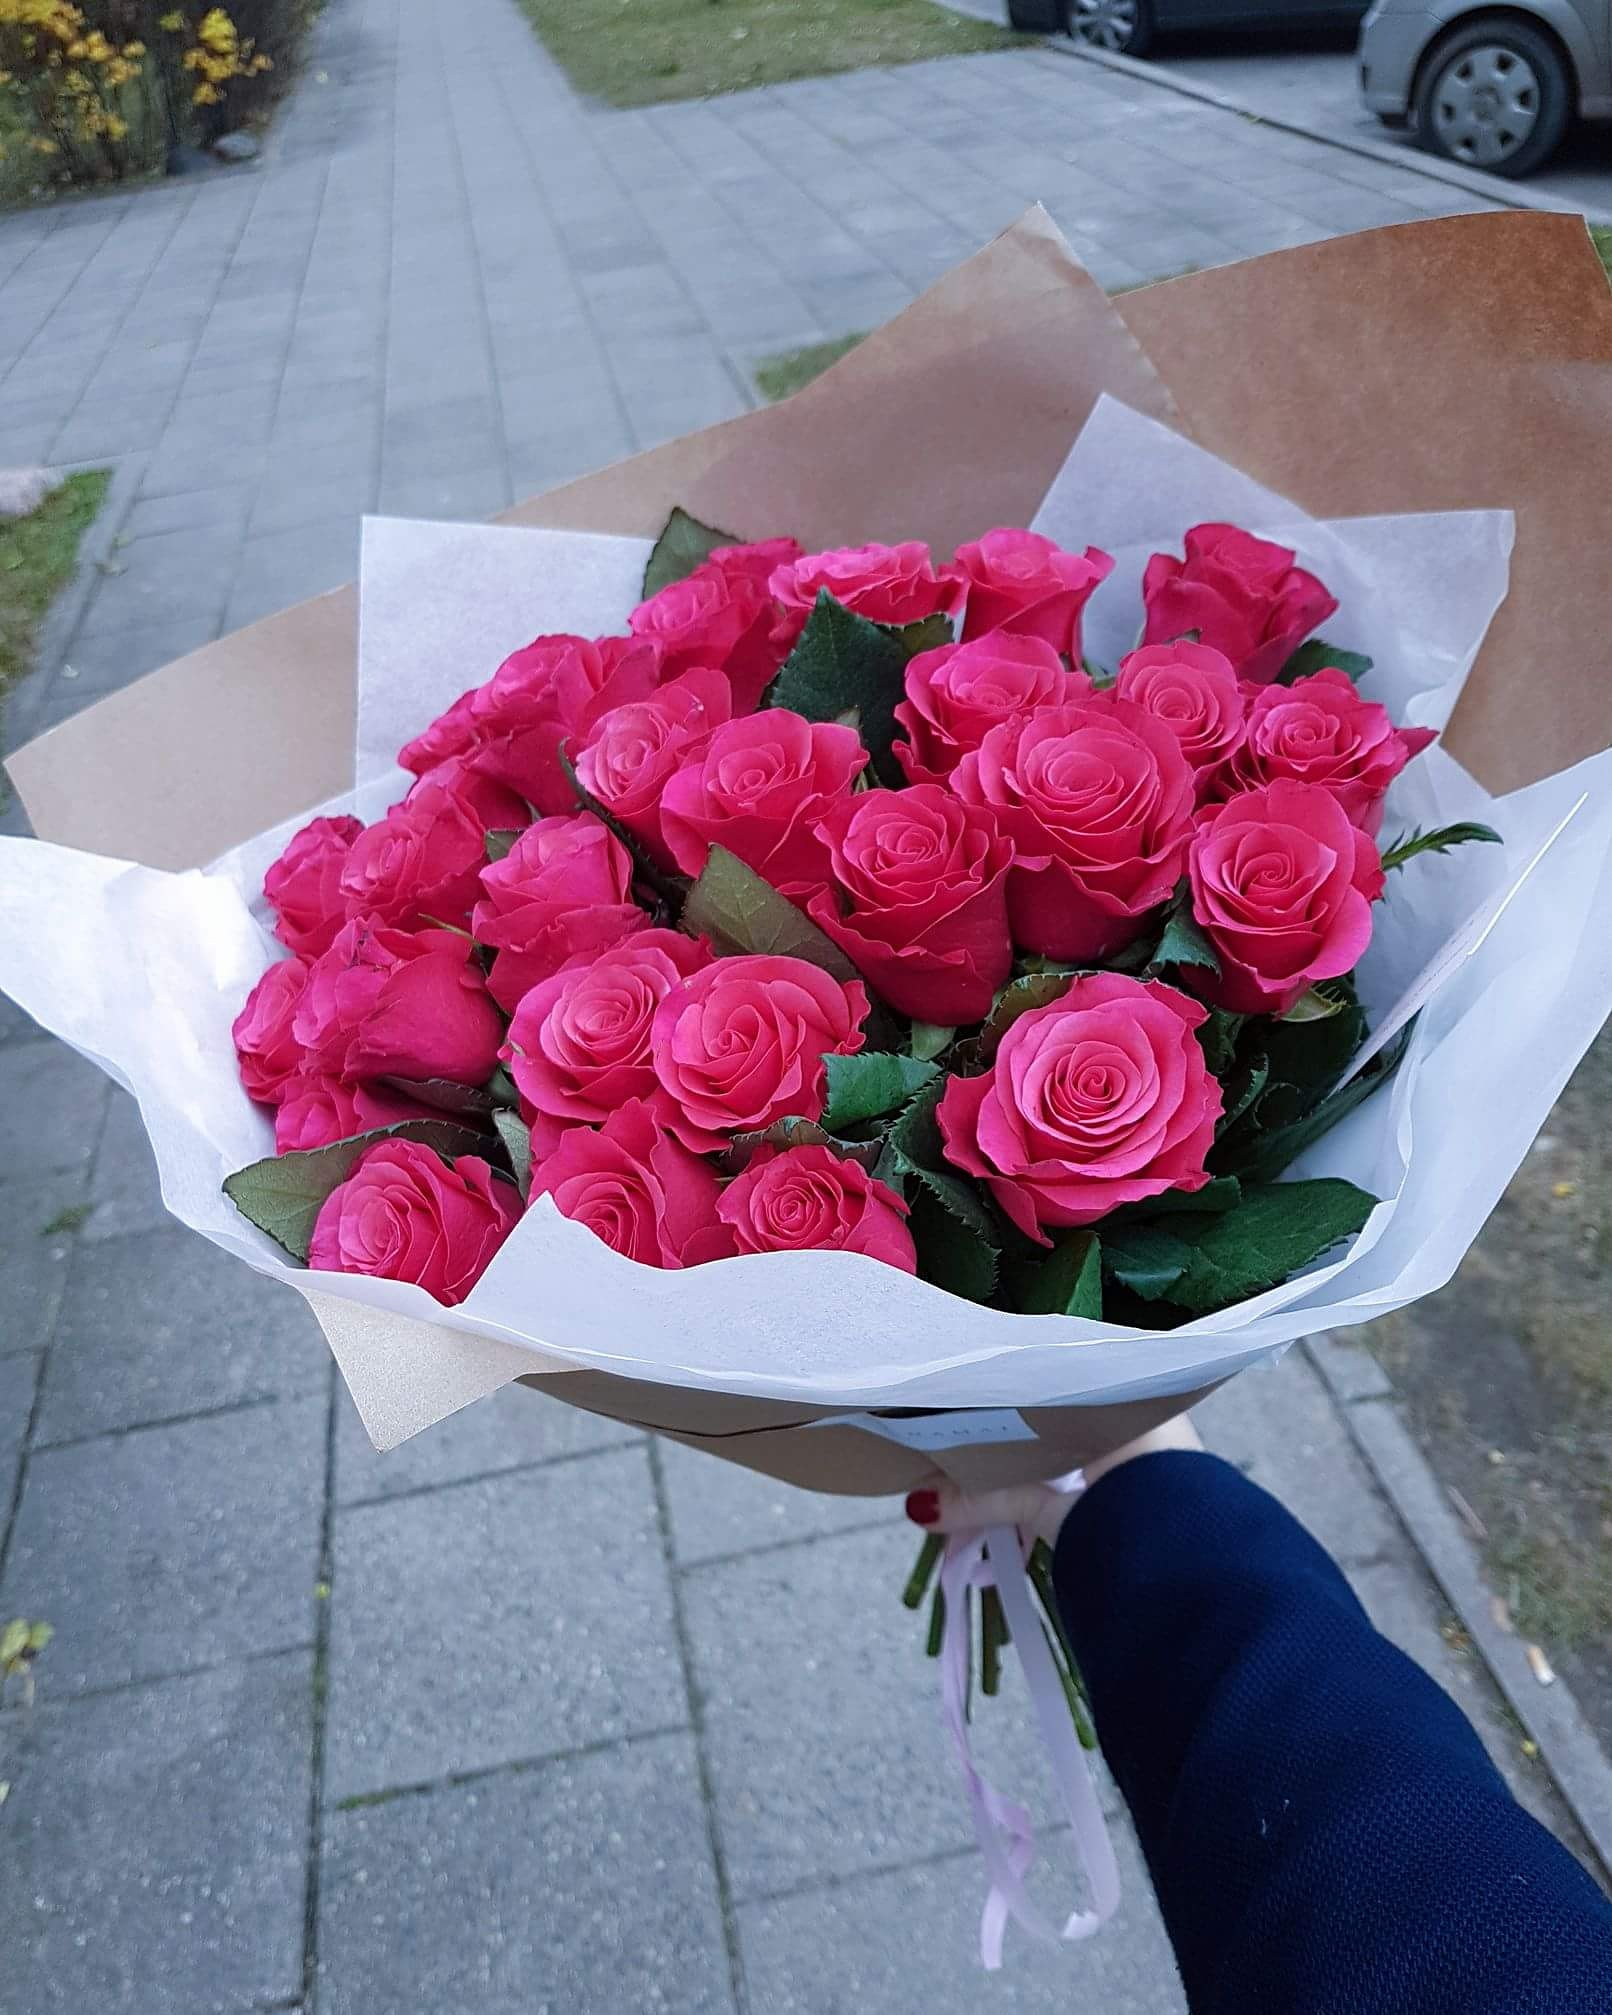 Sodriai rožinių rožių puokštė / 25vnt. paveikslelis